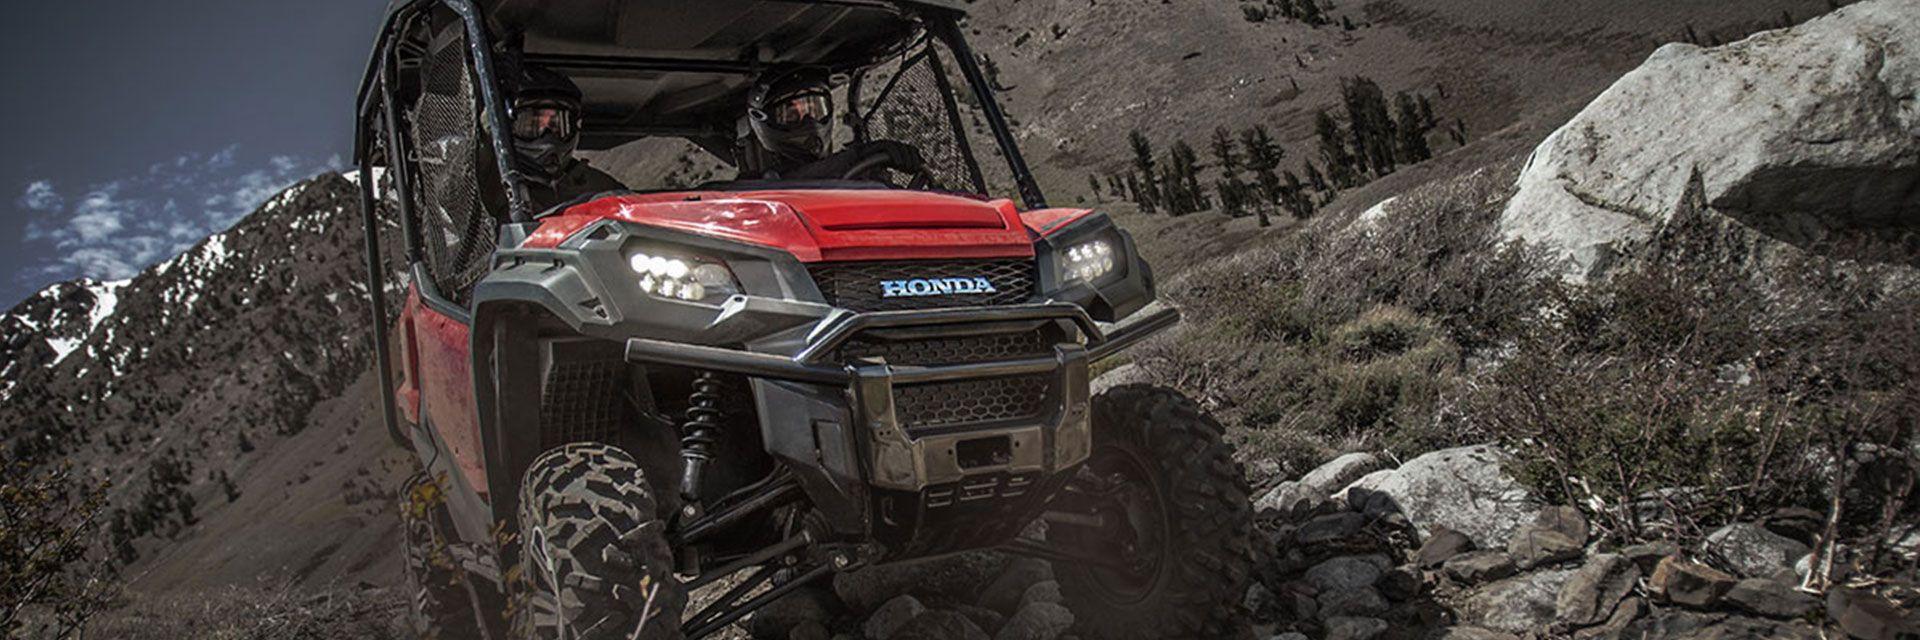 Honda Pioneer | Track N' Trail